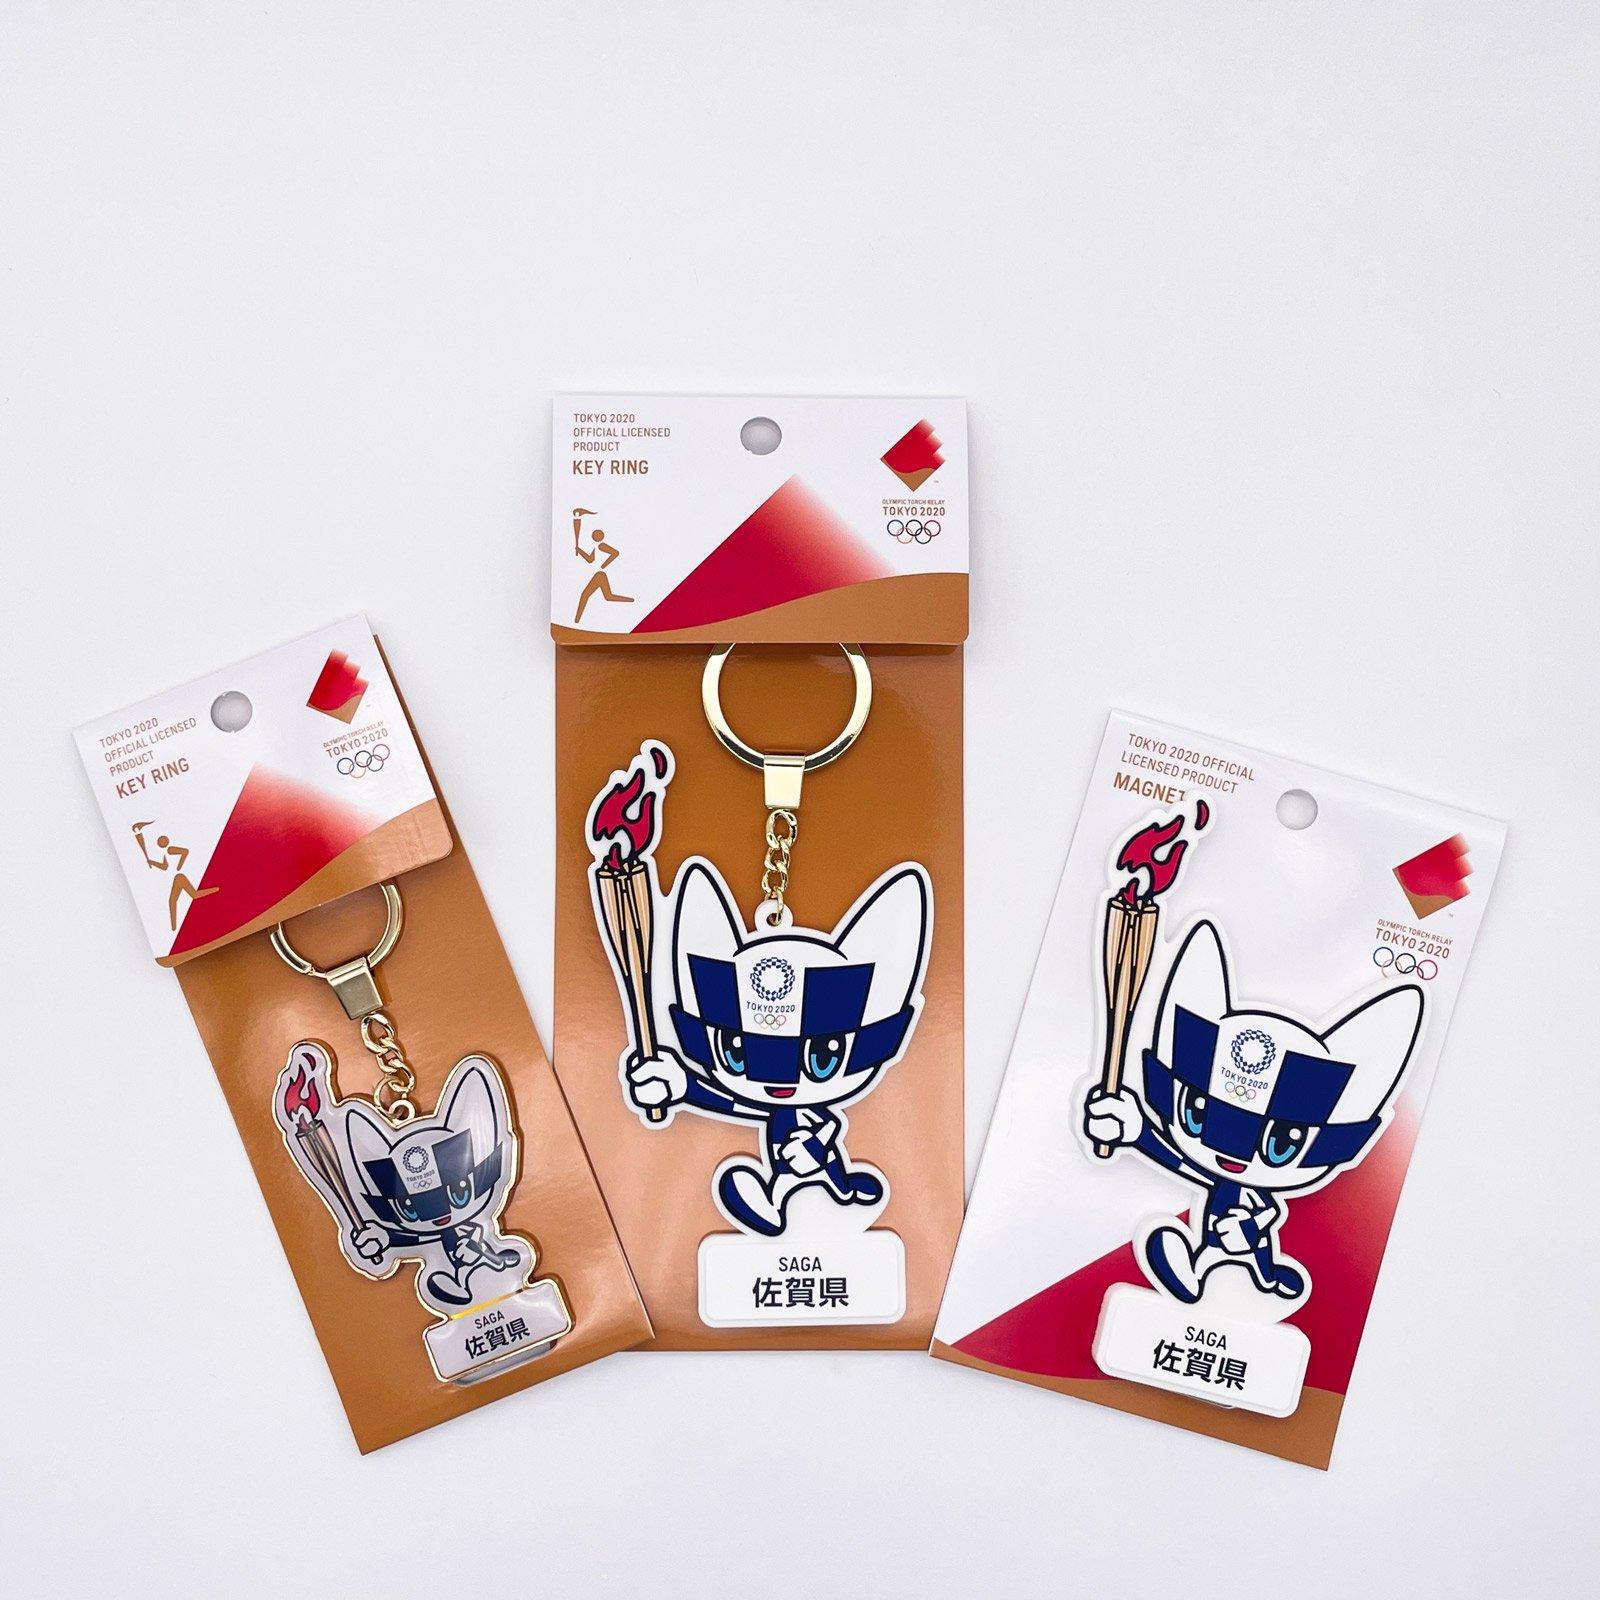 【セール価格】【お得なセット】東京2020オリンピック聖火リレーマスコット商品:佐賀県セット